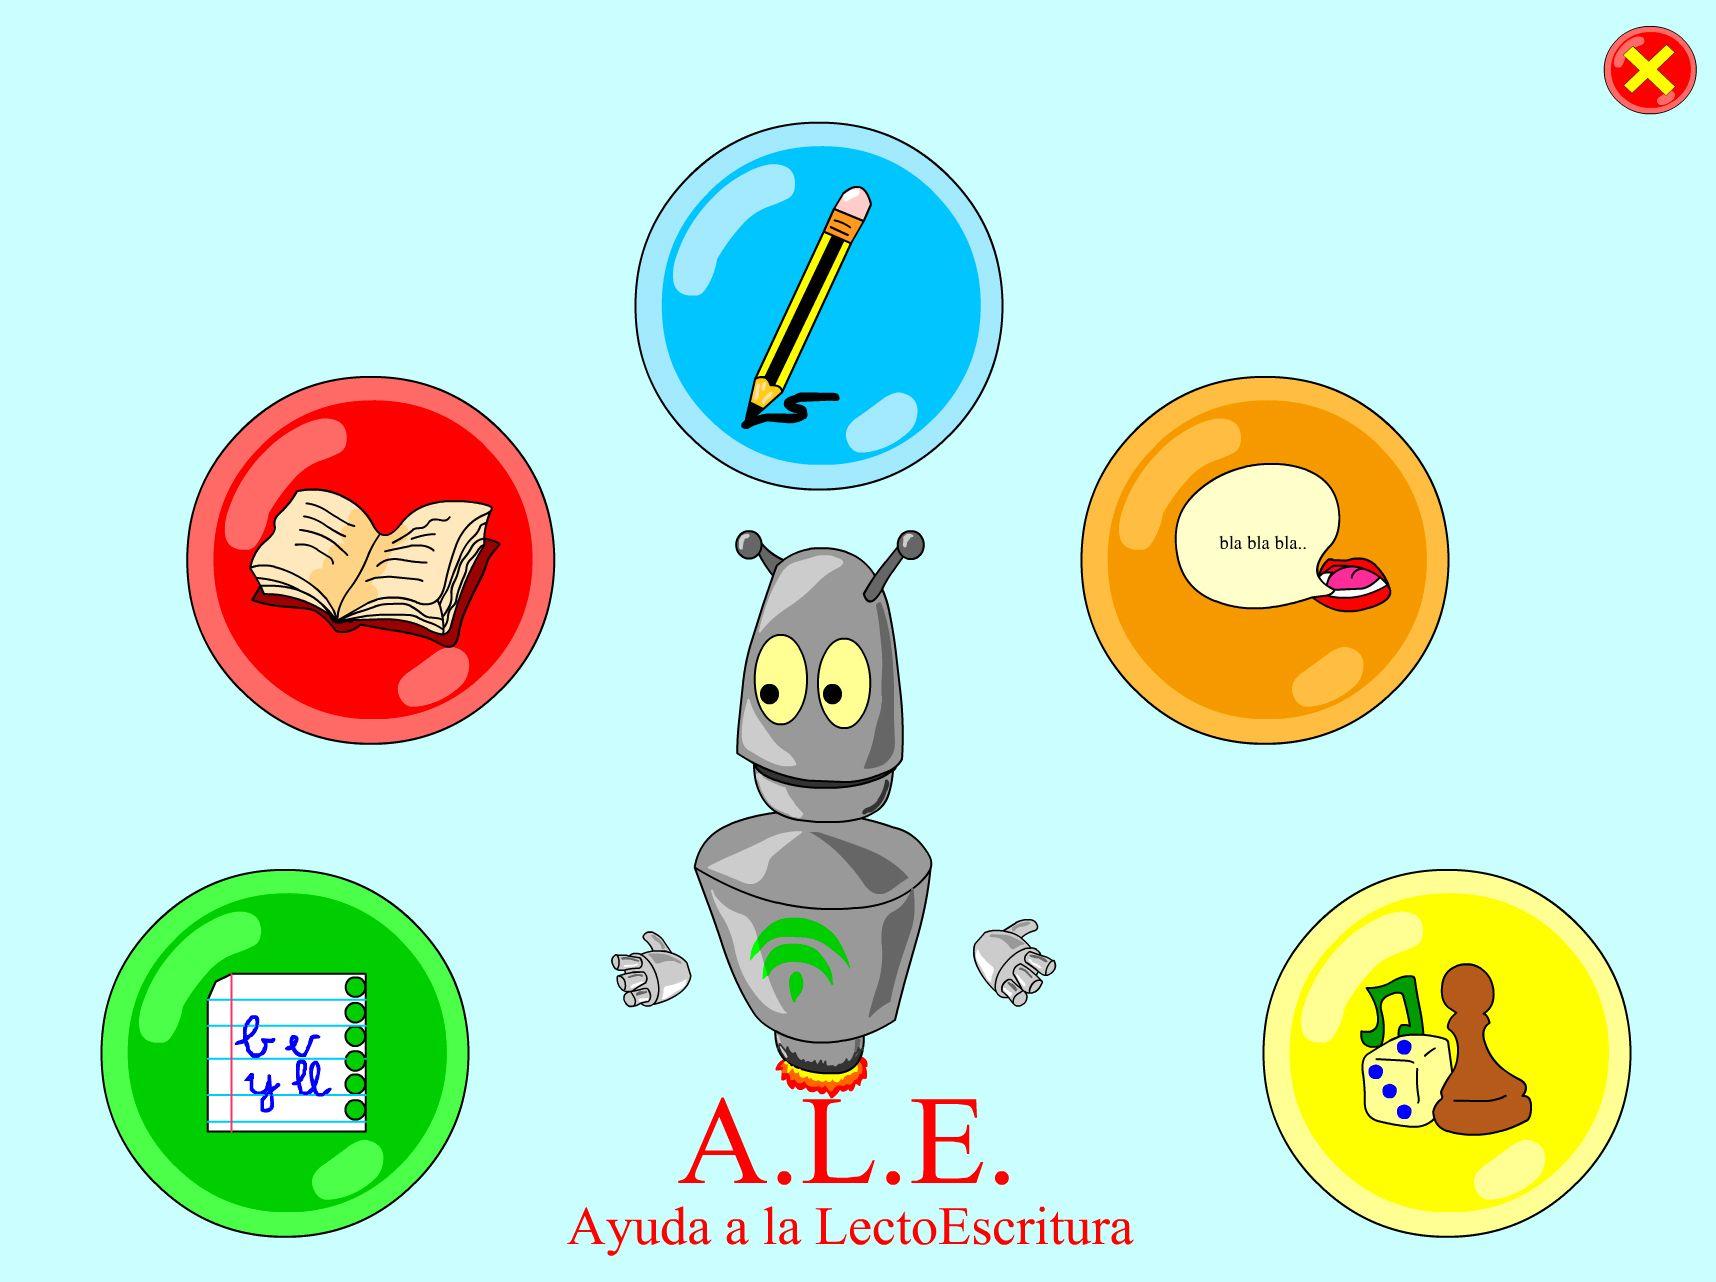 Recurso Educativo en Abierto Procomún para Primaria. ALE. Ayuda de la lecto-escritura.